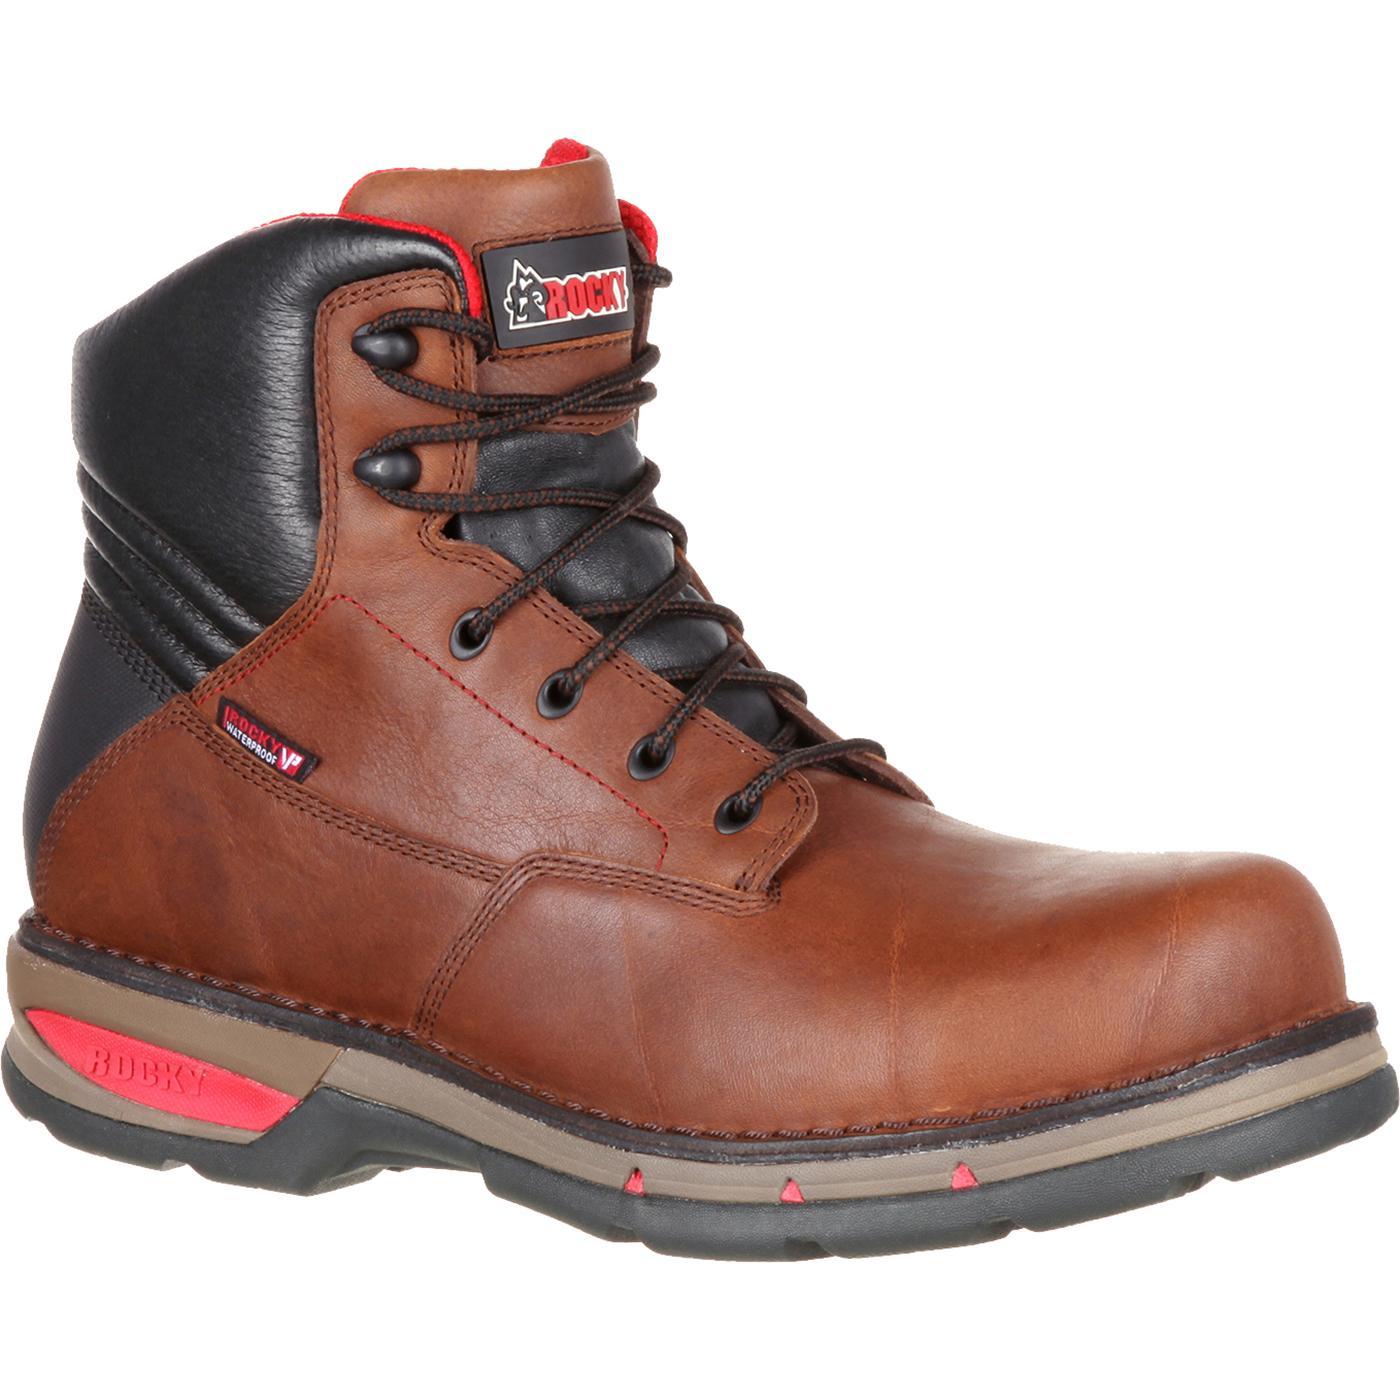 96ec2b8e513 Rocky Field Lite Composite Toe Waterproof Work Boot